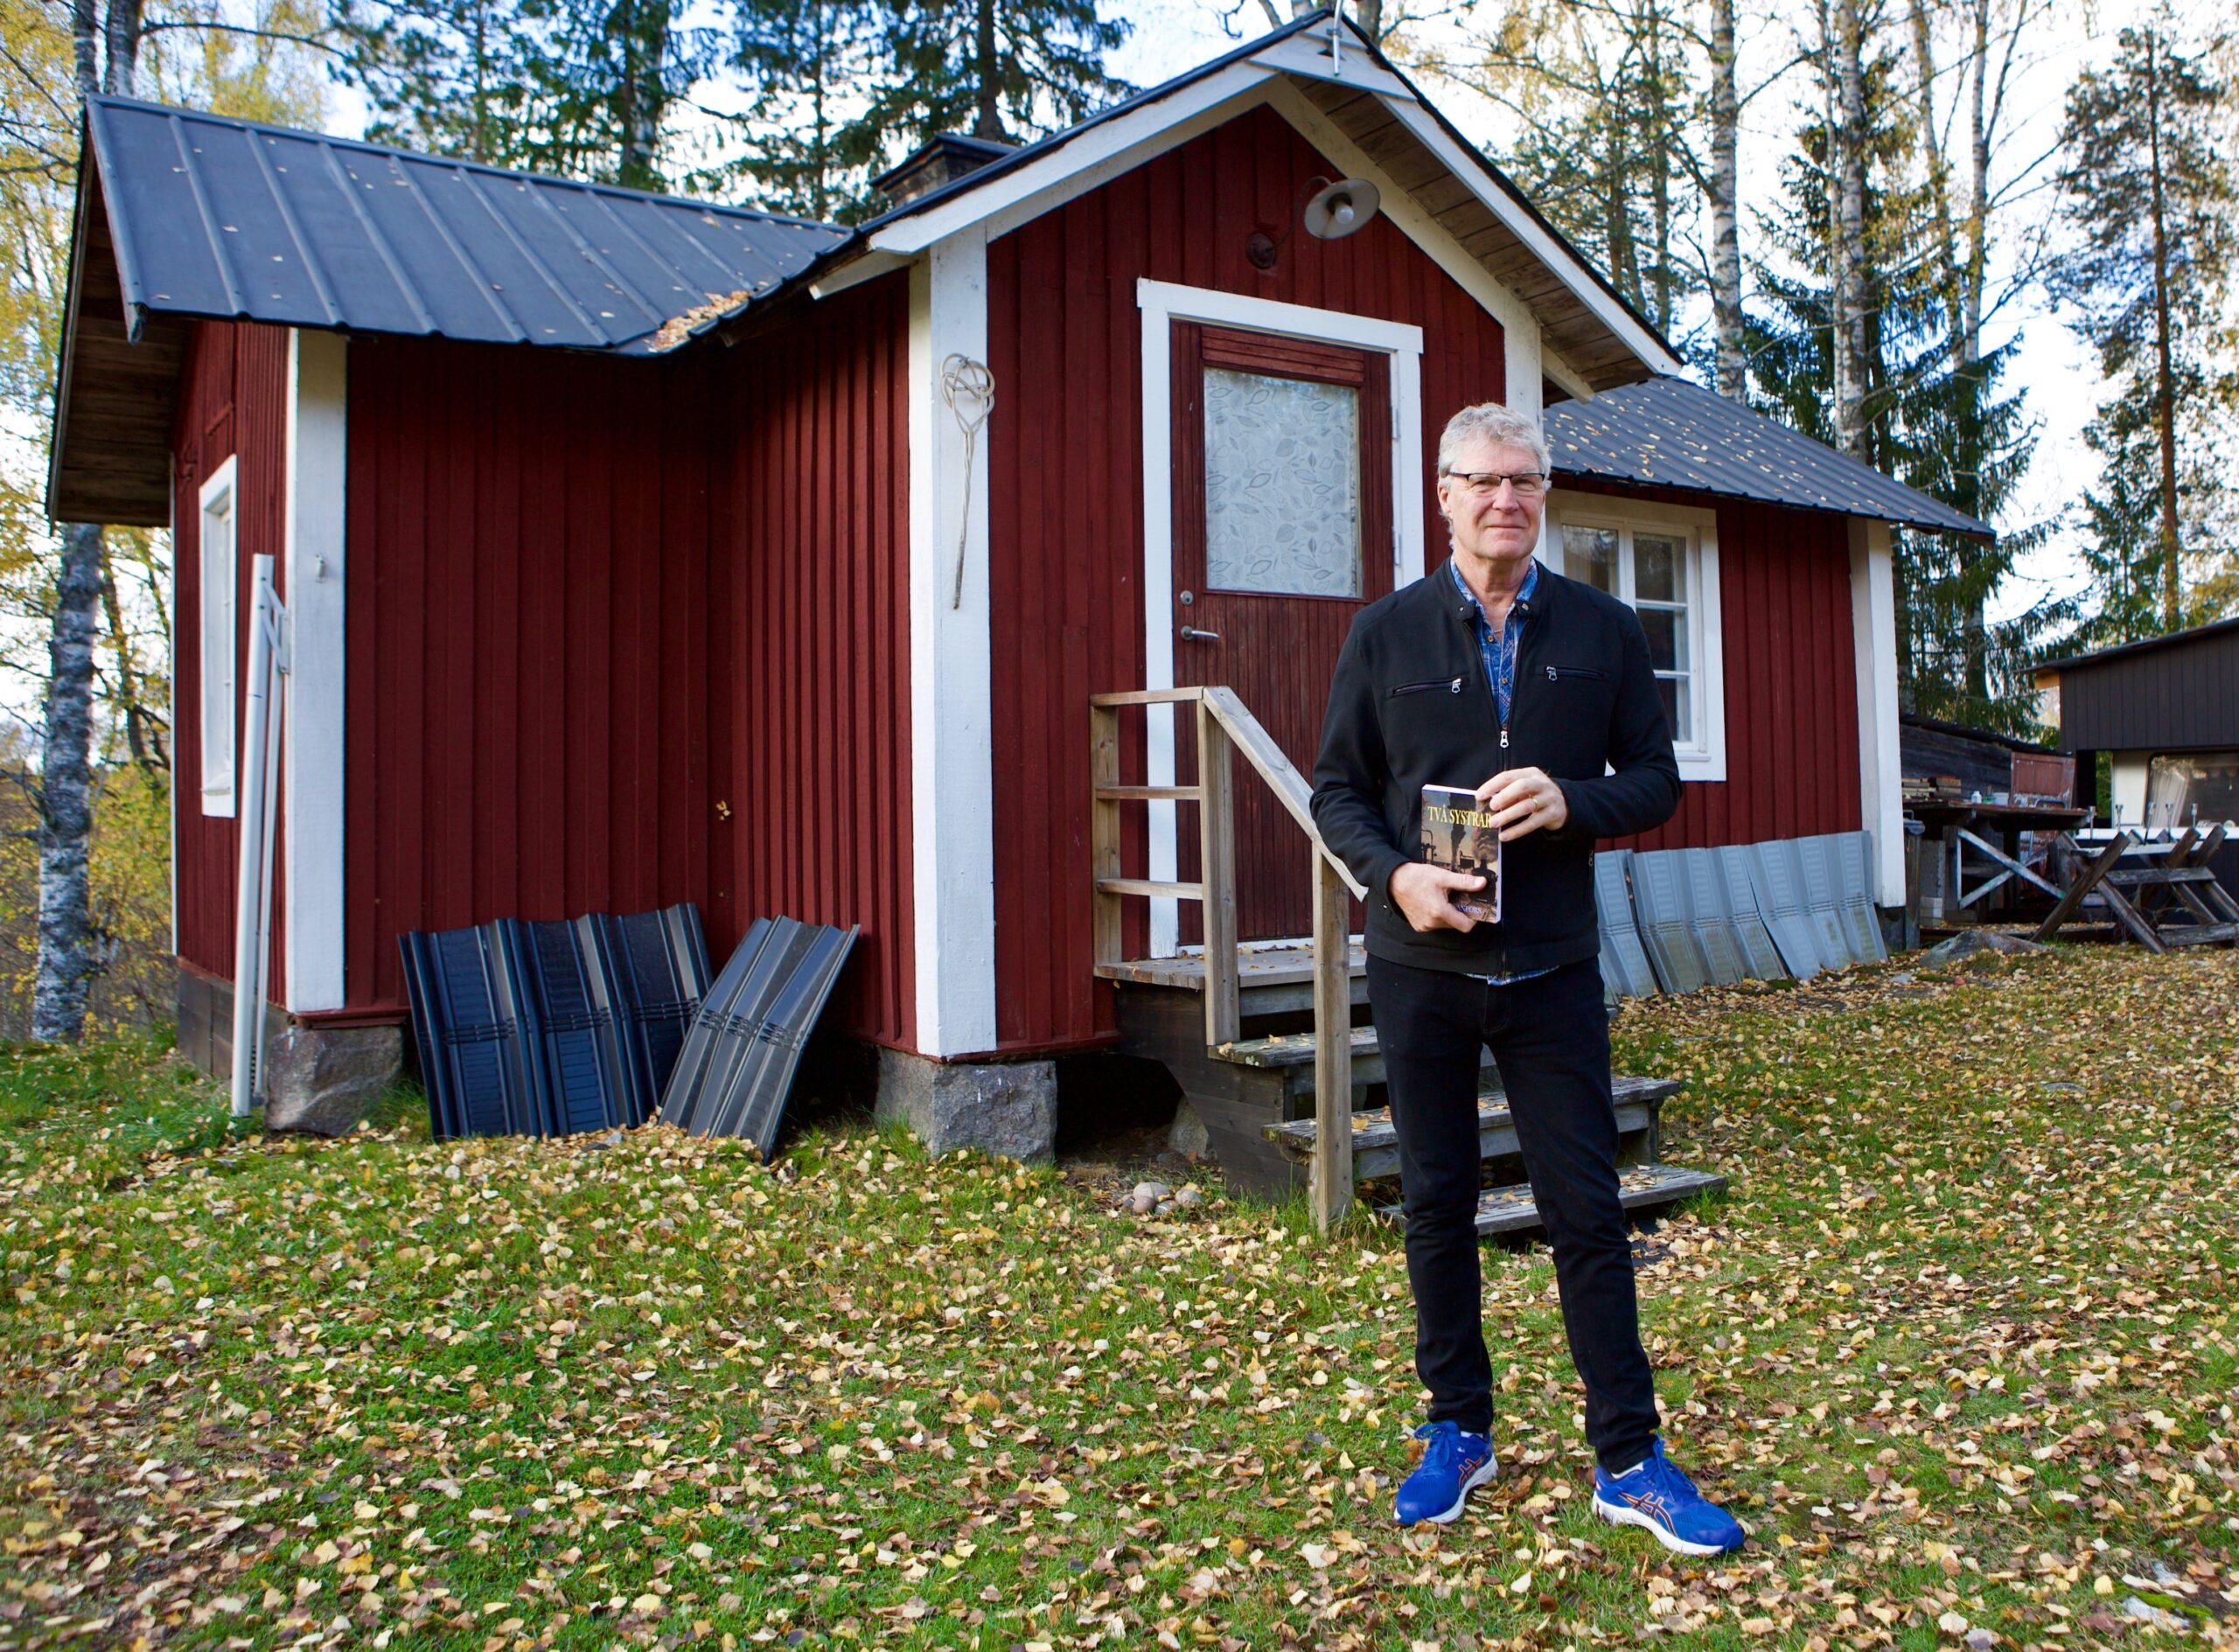 Här vid fäbodvallen i Dalasågen utspelar sig en stor del av handlingen i romanen Två systrar som Lars Wanfors pappa Erik Wanfors skrivit.